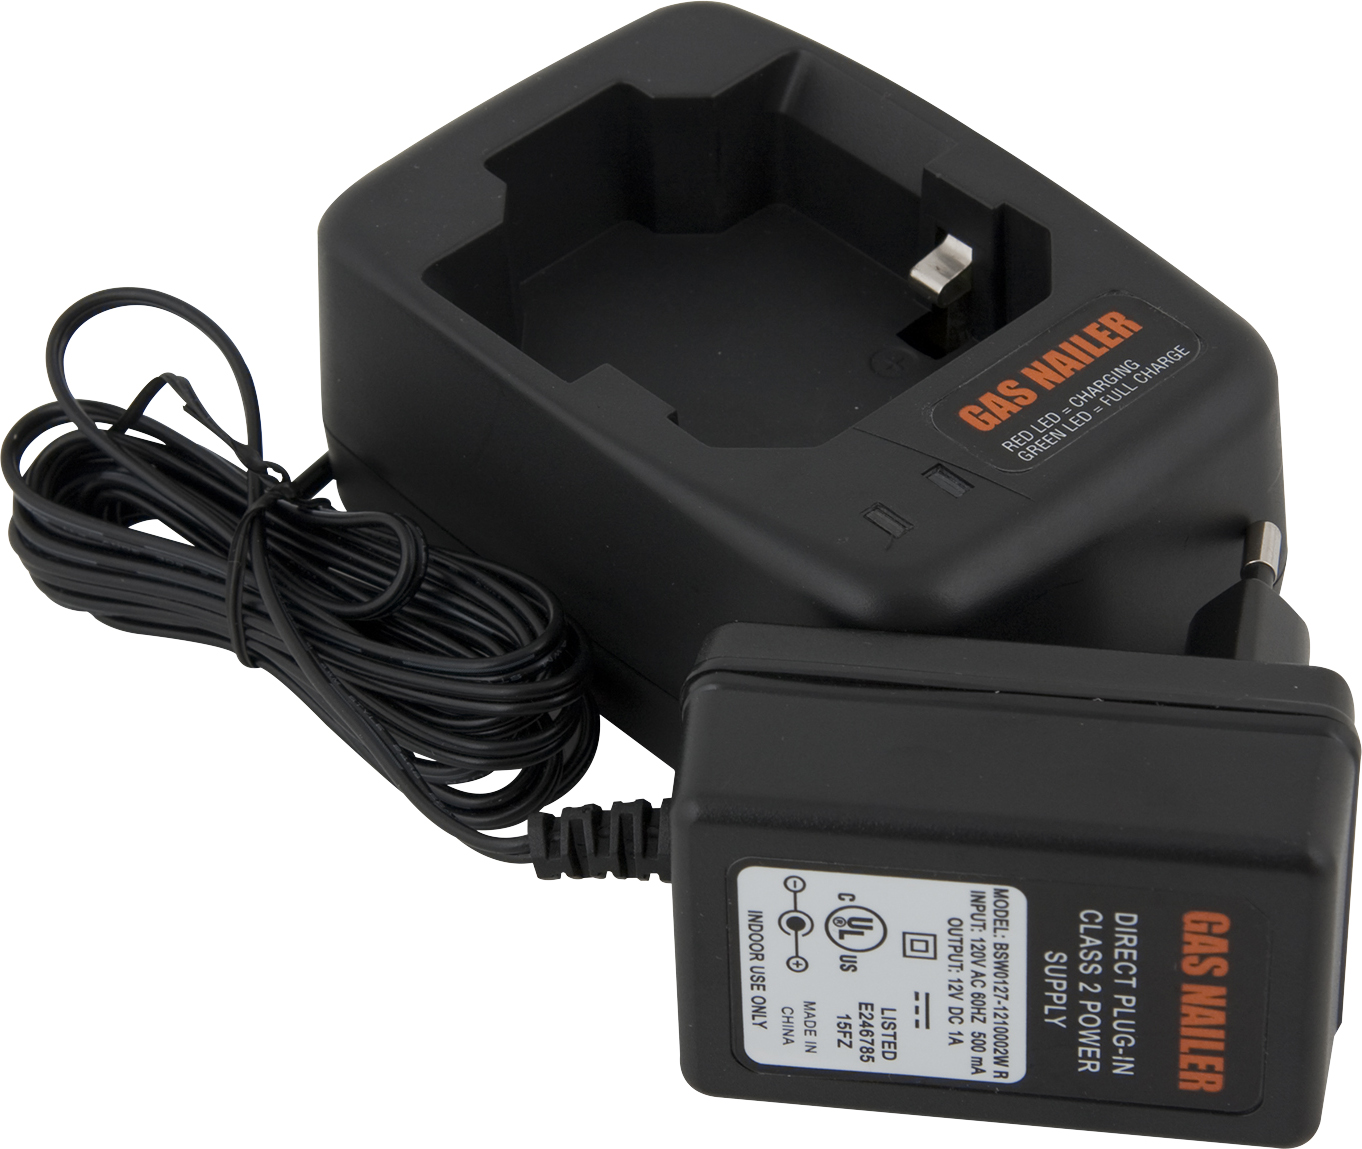 Batteriladdare Tjep till Klammerpistol